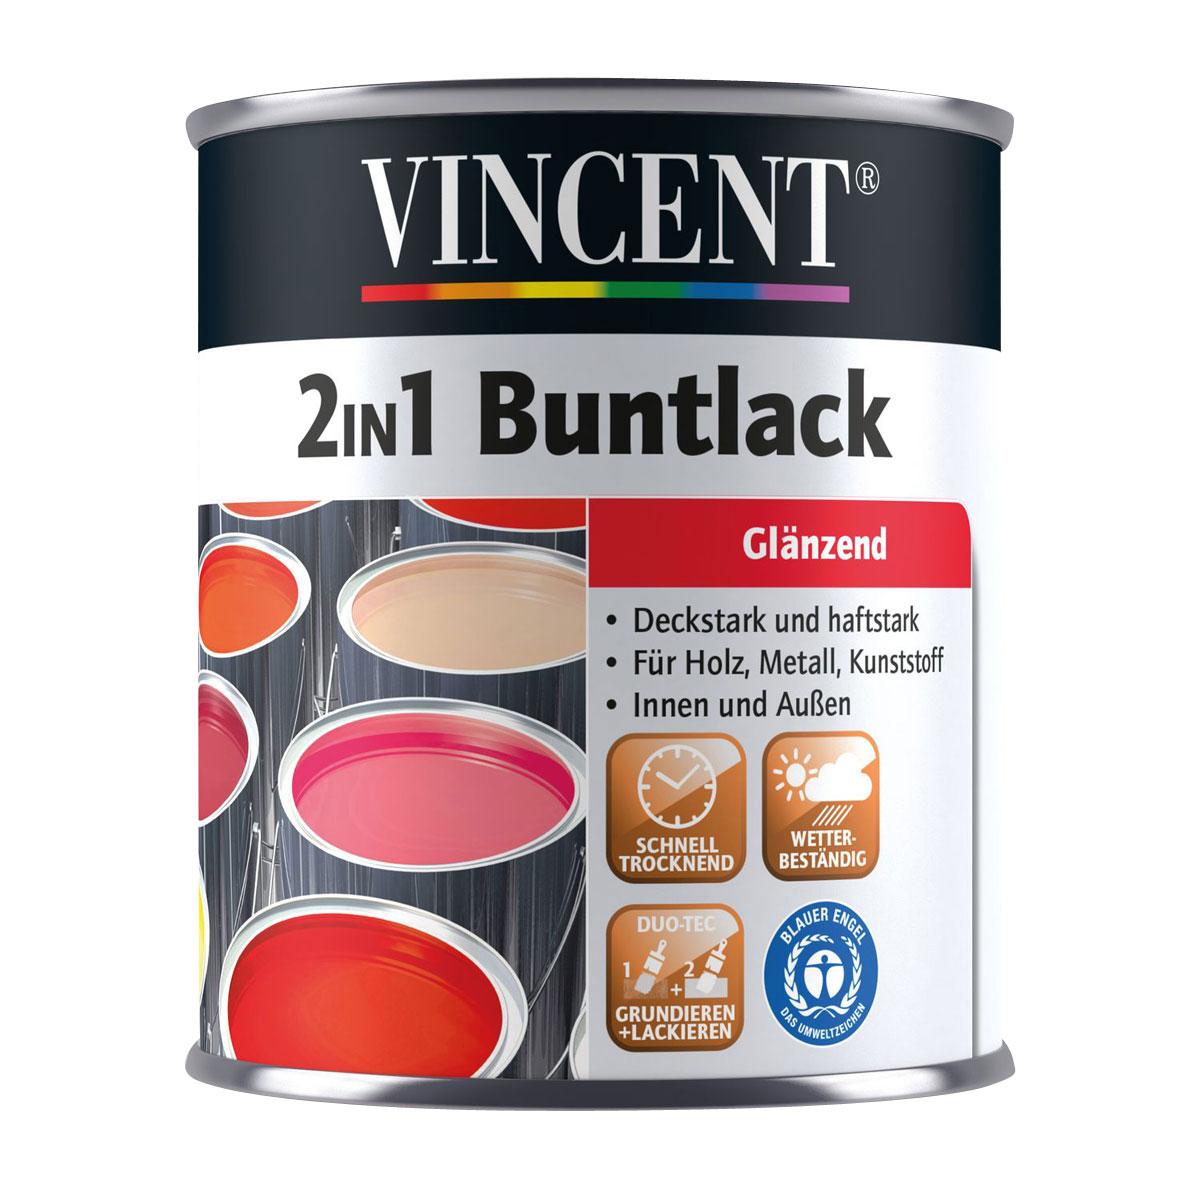 Vincent 2in1 Buntlack lichtblau